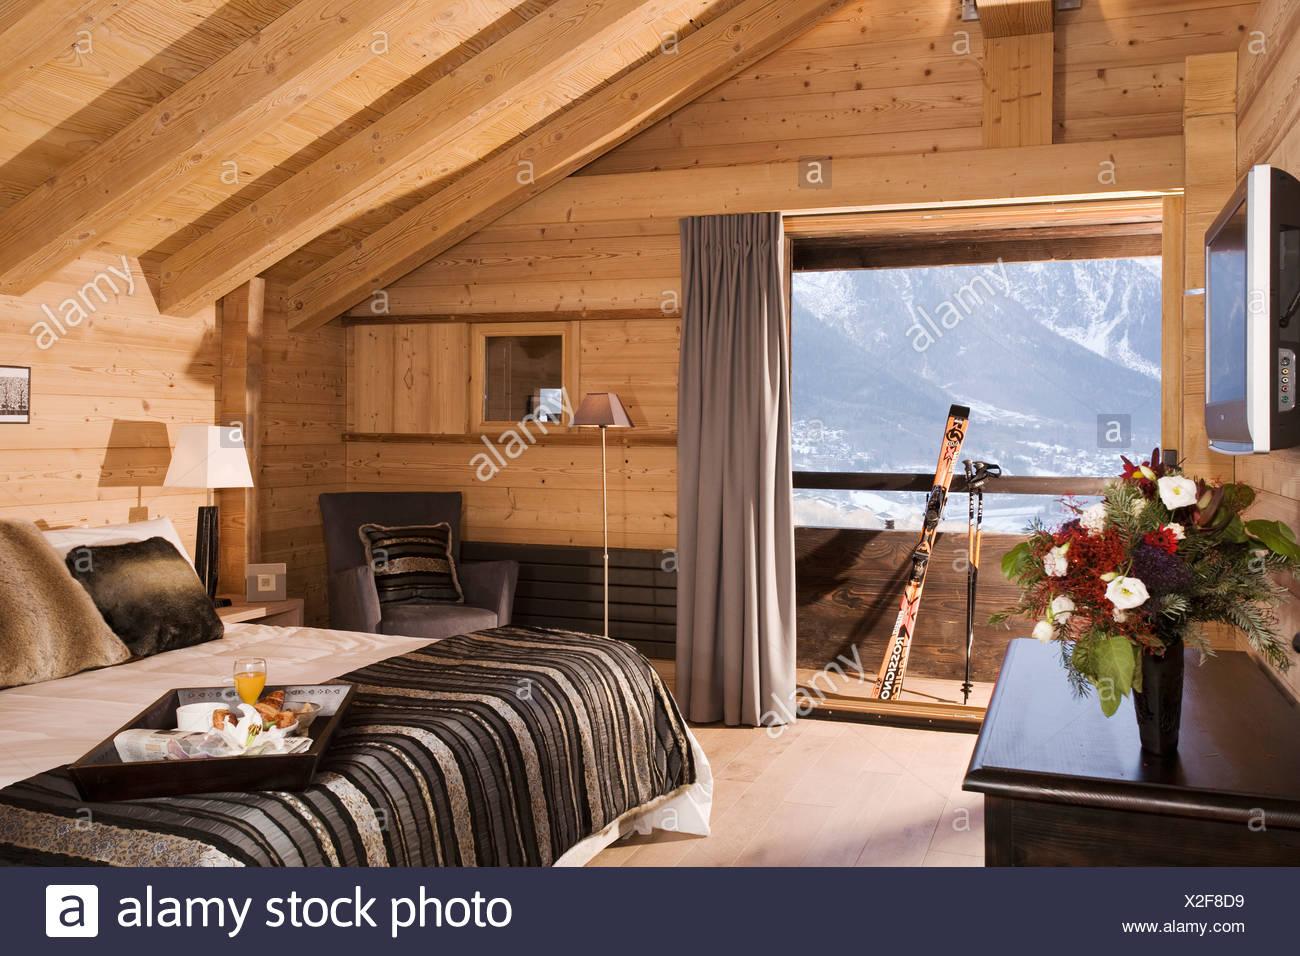 Letto nero coperchio sul letto in camera da letto moderna in chalet di montagna con pareti in for Pareti camera da letto moderna